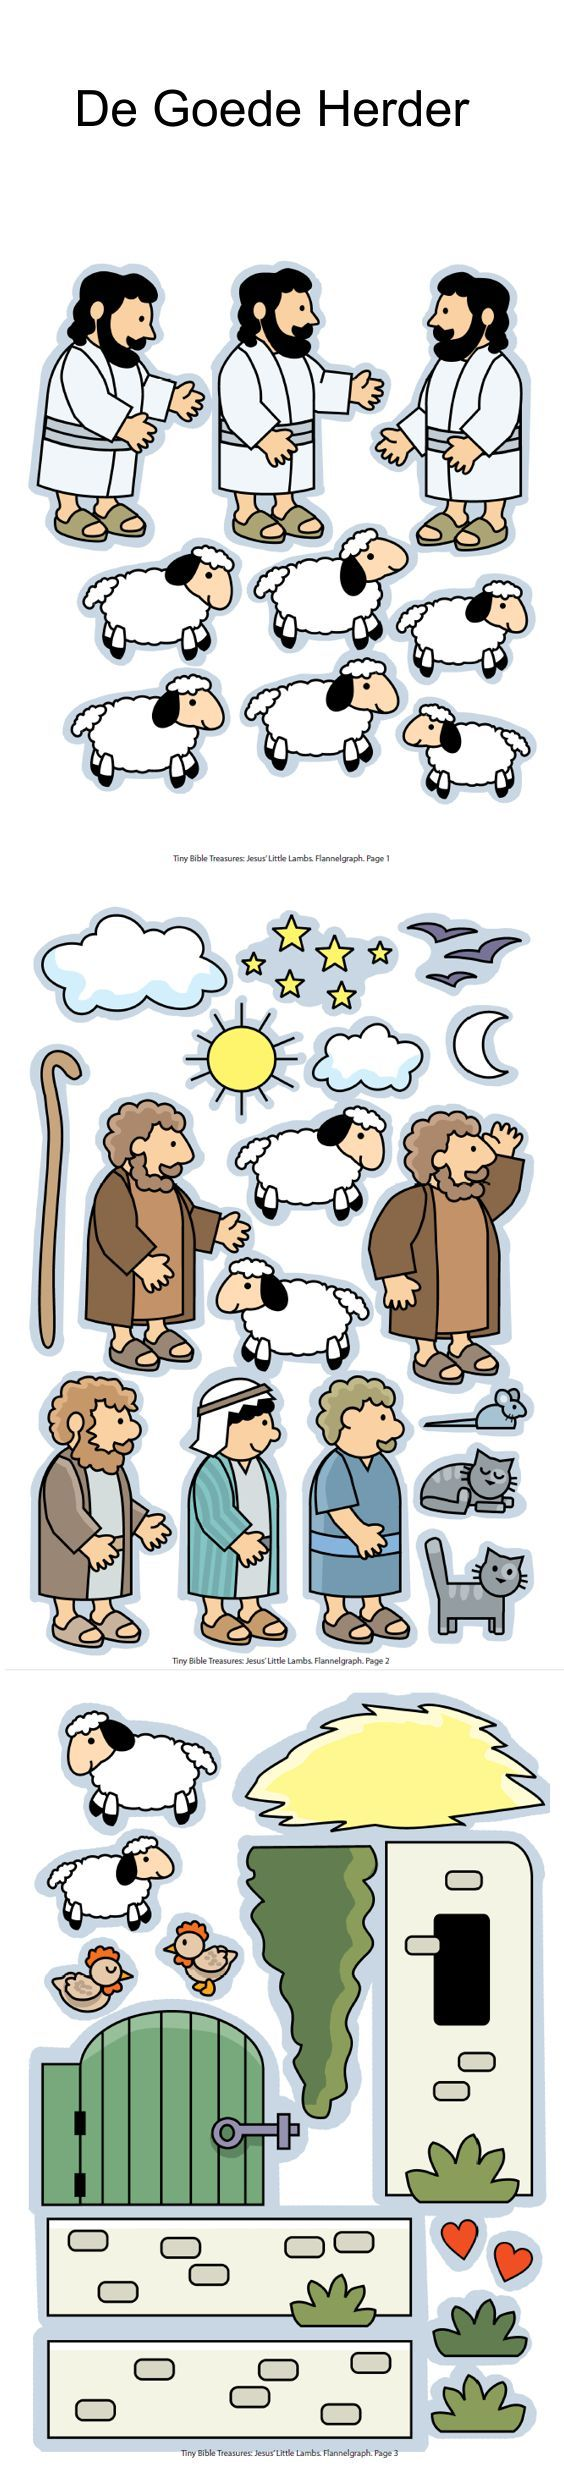 De Goede Herder en het verloren schaap, flanelplaten voor kleuters, kleuteridee.nl , The Good Shepherd, Flannel Bible Sheets, free printable 1: